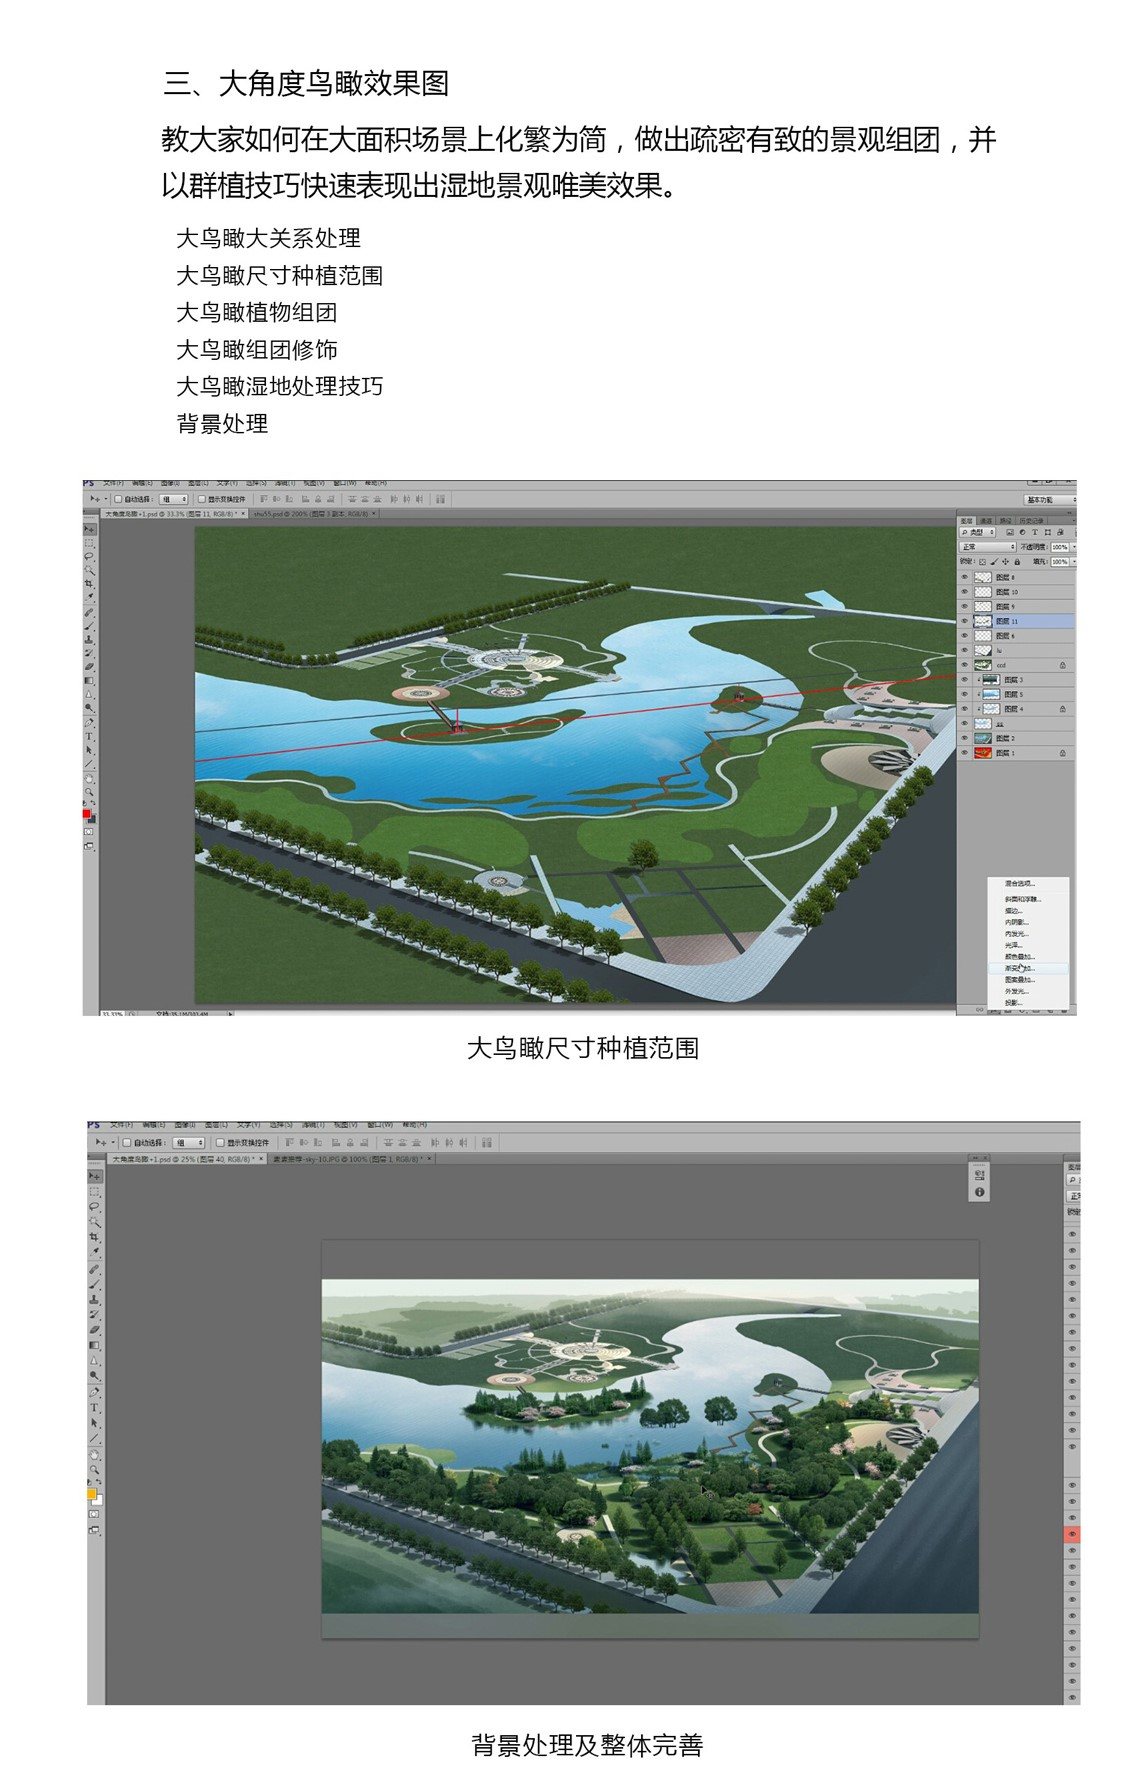 大角度鸟瞰效果图,Photoshop景观效果图,景观效果图表现,ps景观效果图